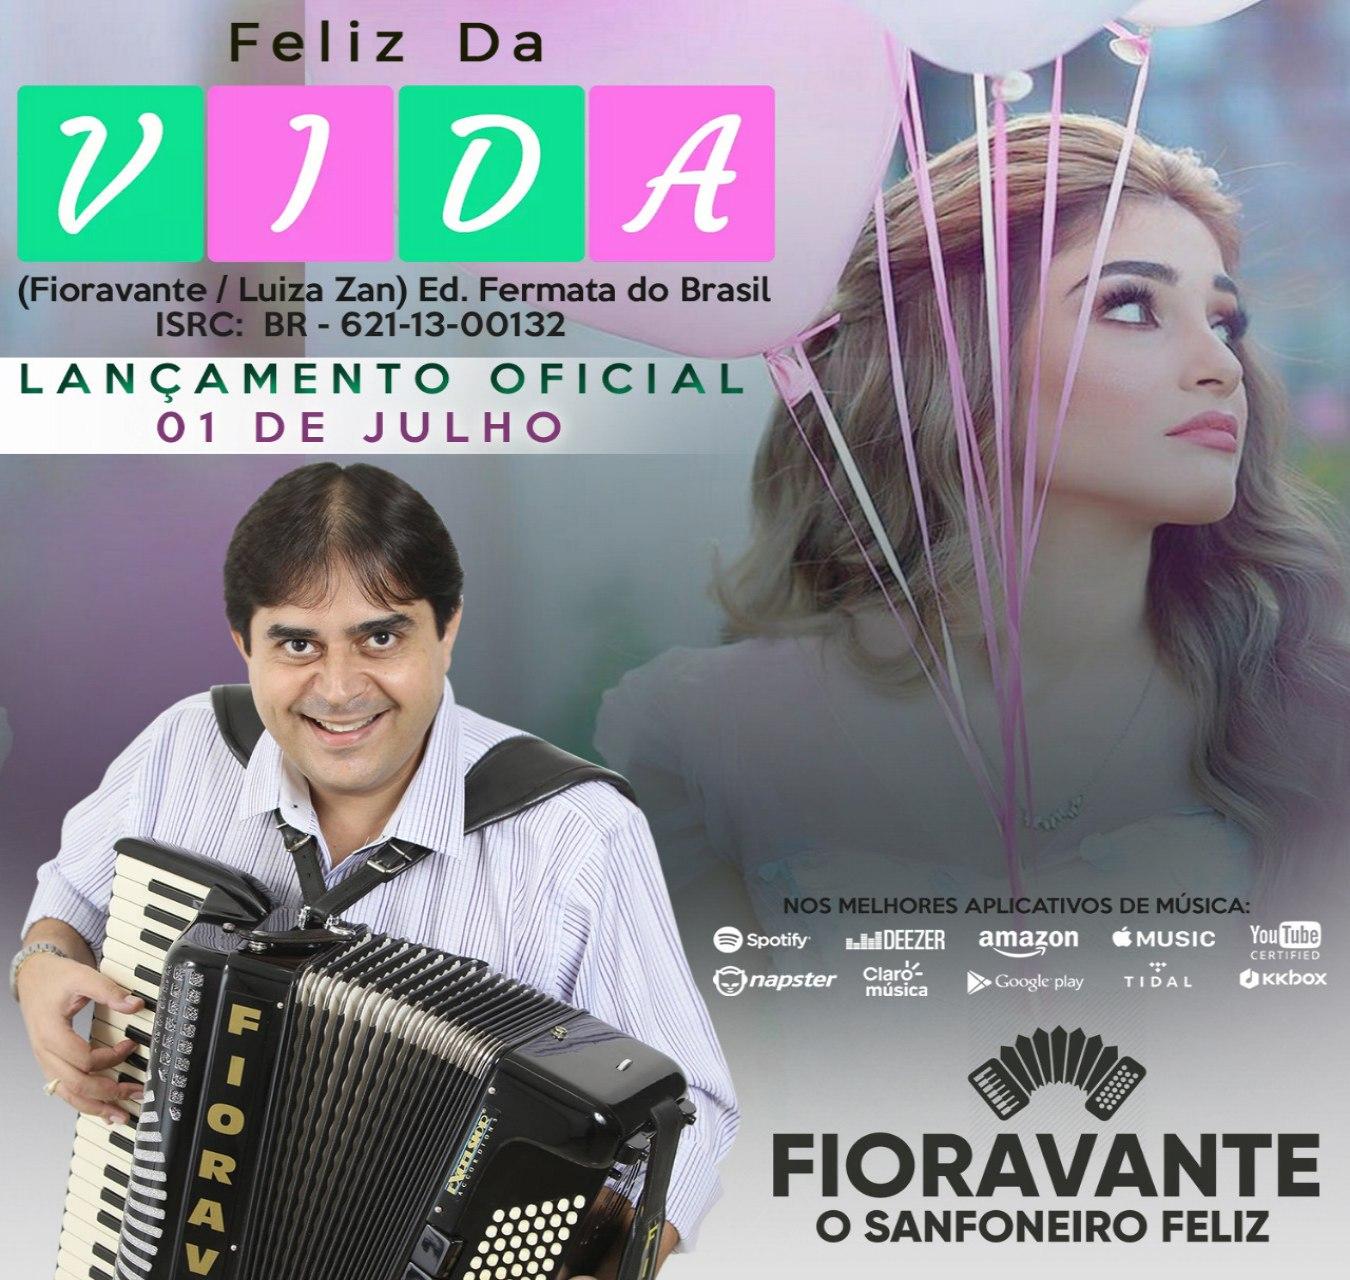 FIOREAVANTE  O SANFONEIRO  FELIZ CONTACTO  PARA (11) 97463-4858